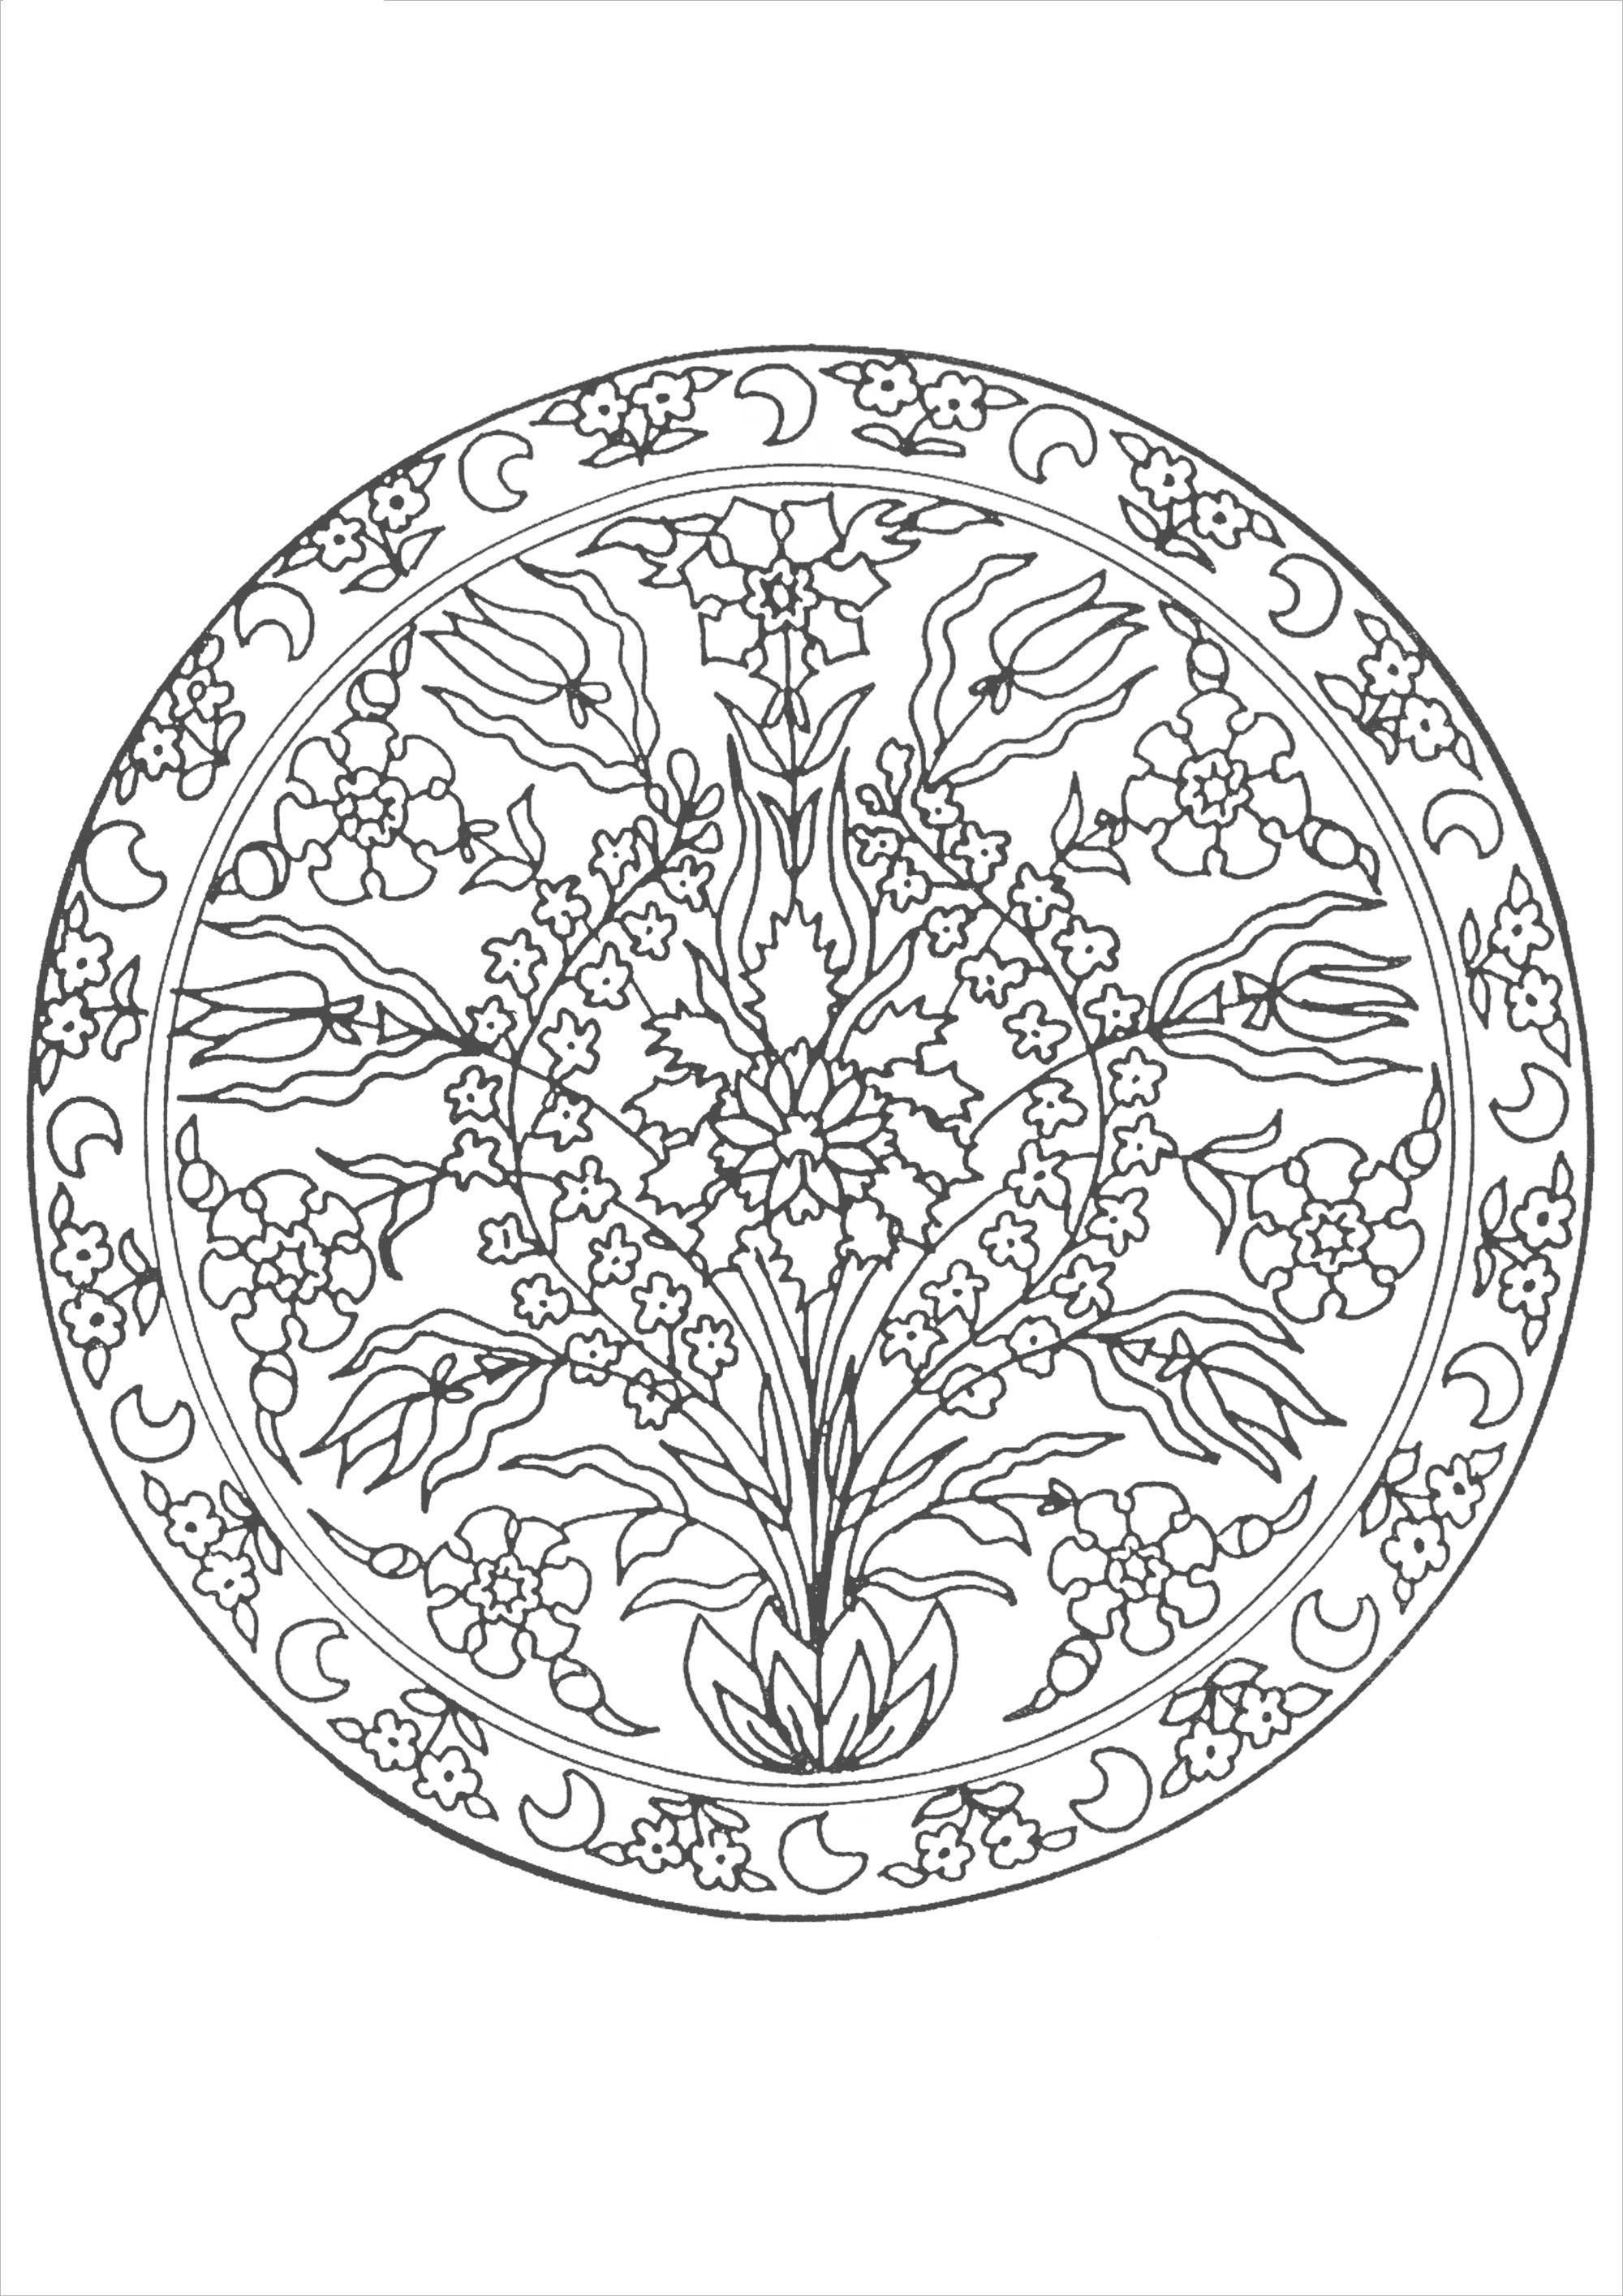 Волшебные цветы в орнаменте из круга цветы раскраски онлайн бесплатно